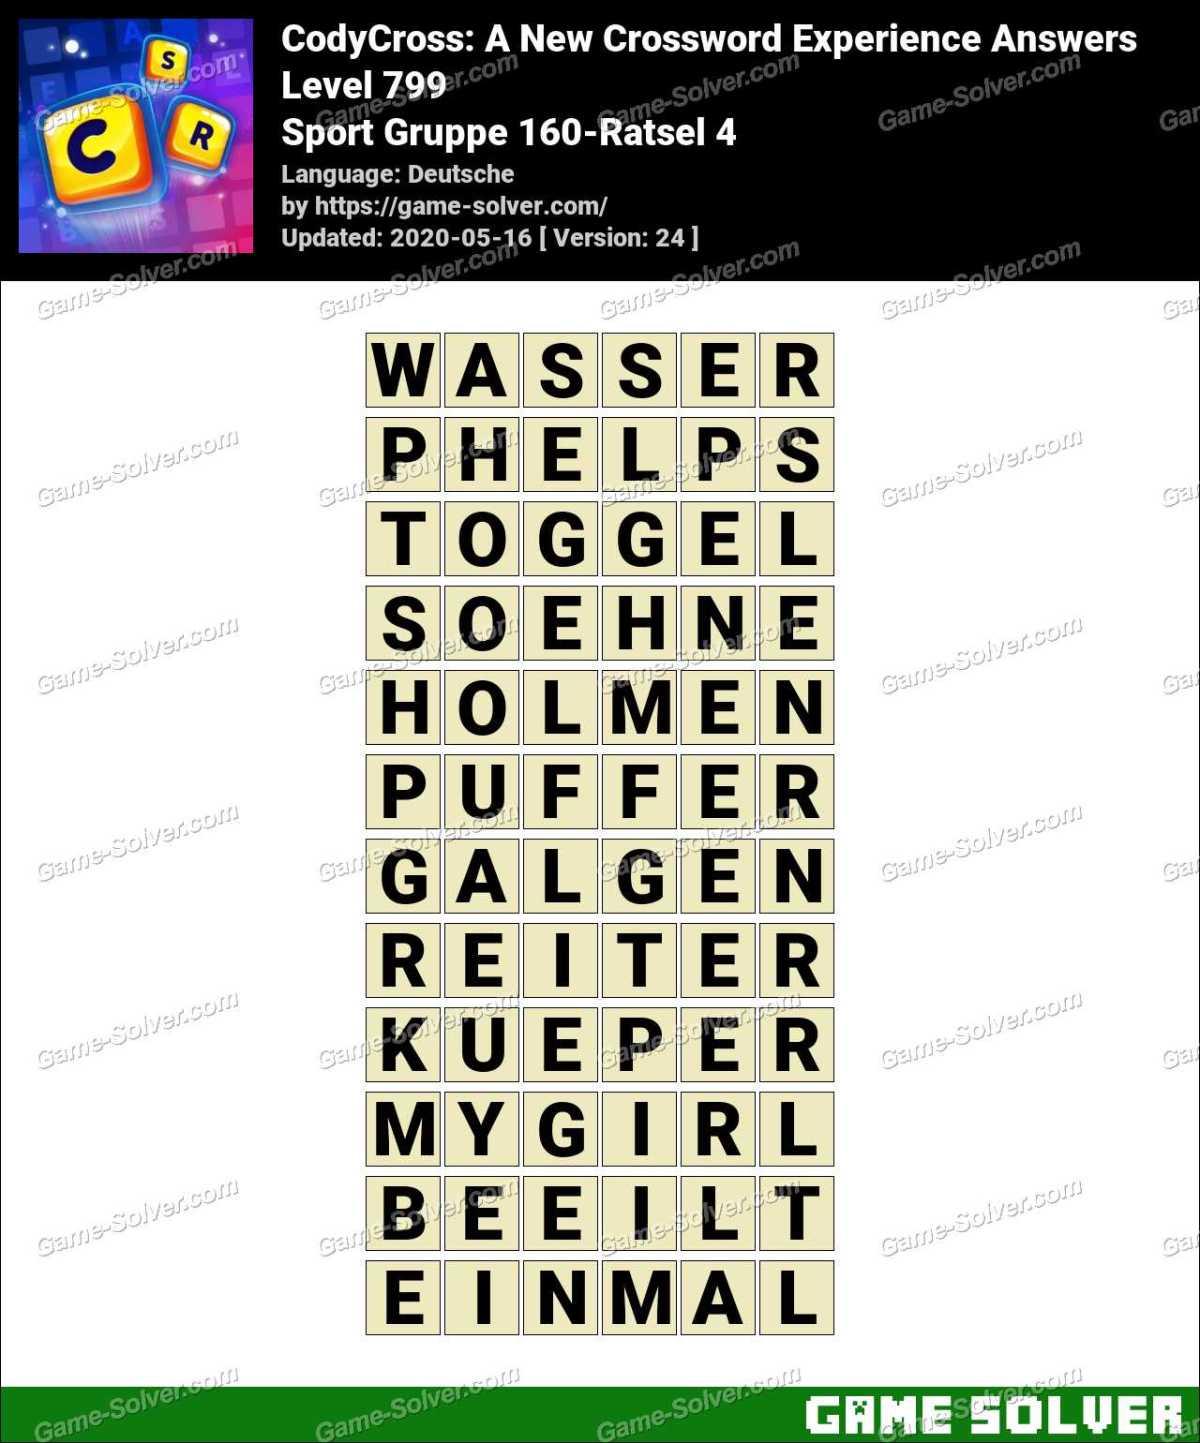 CodyCross Sport Gruppe 160-Ratsel 4 Lösungen